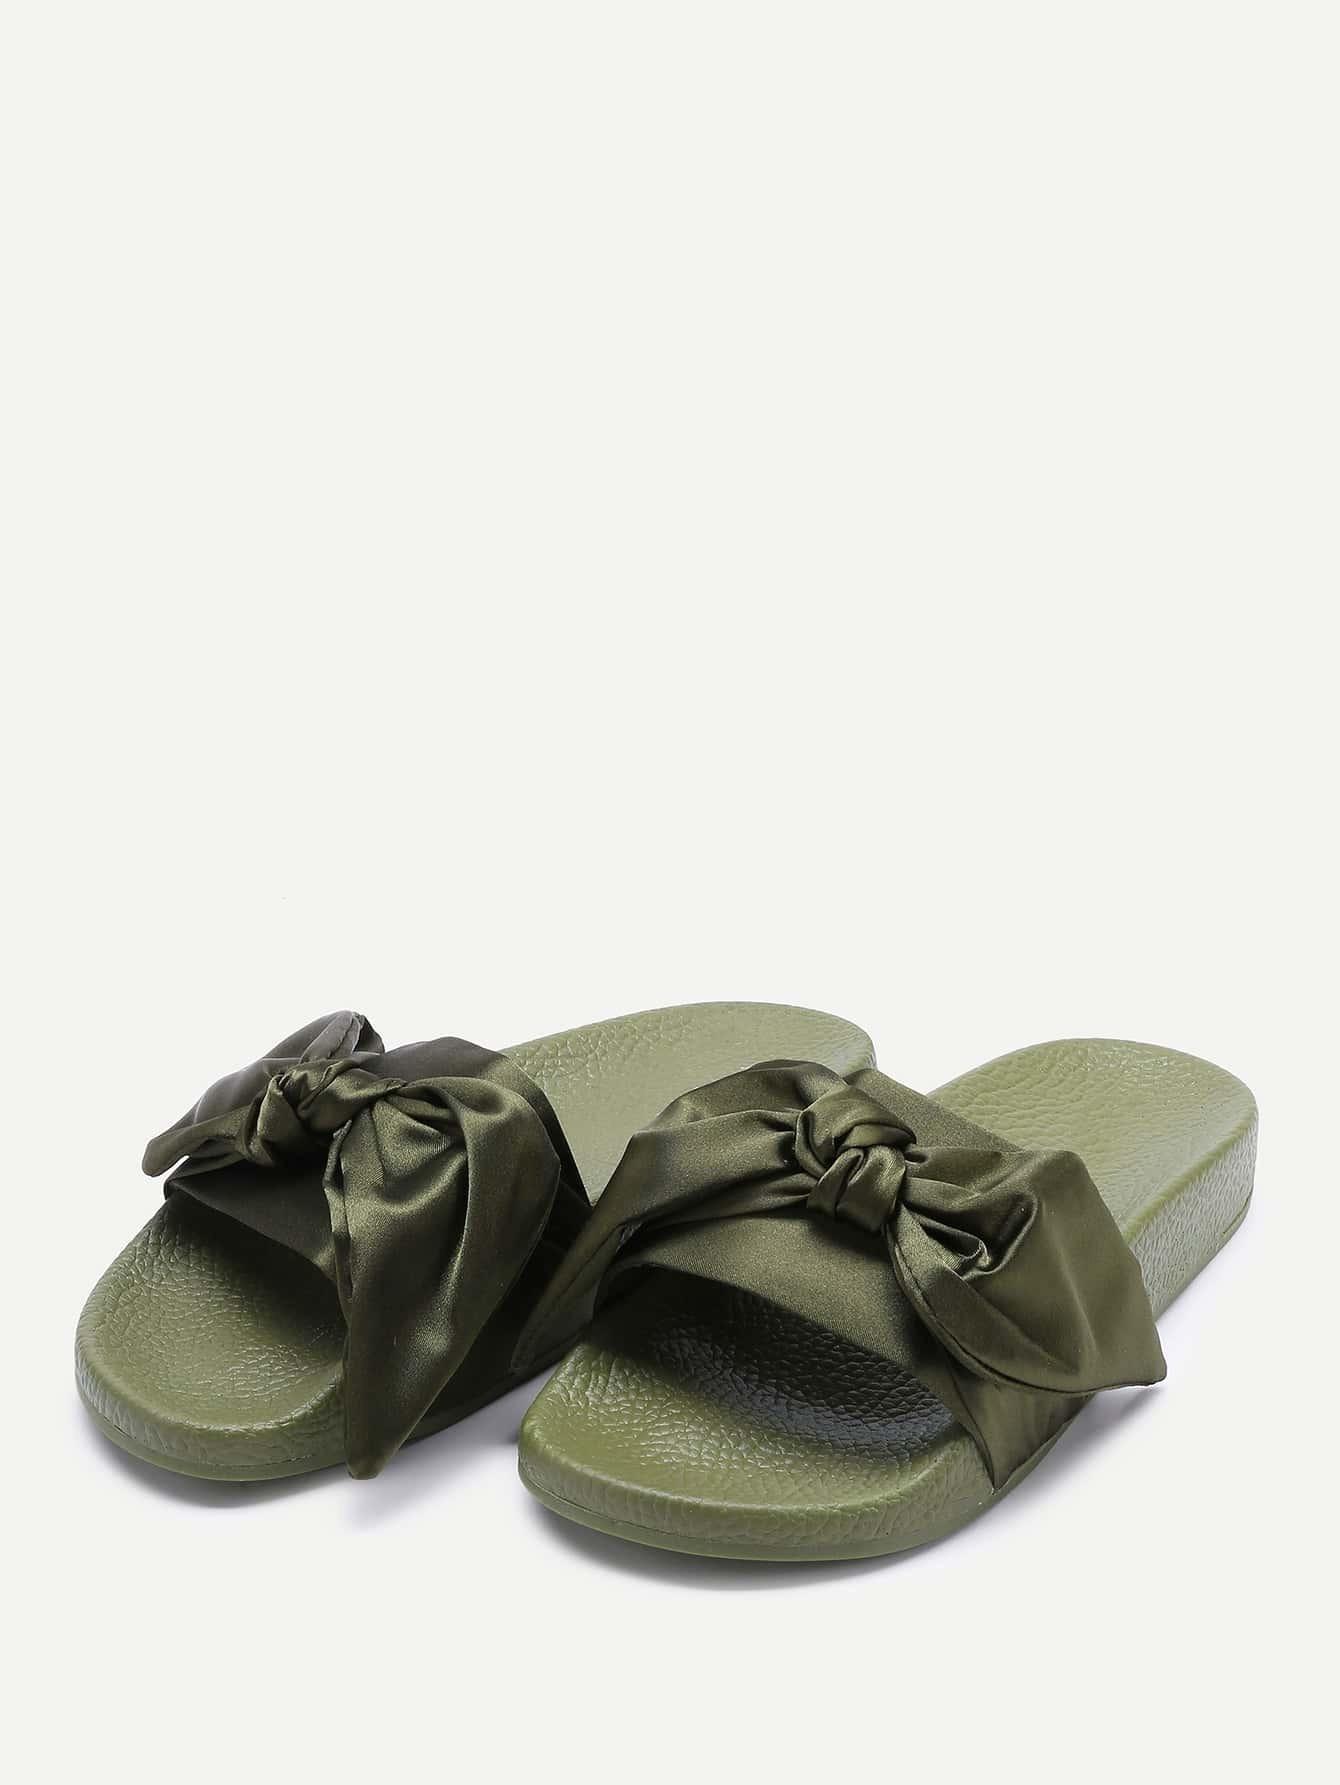 shoes170421817_2